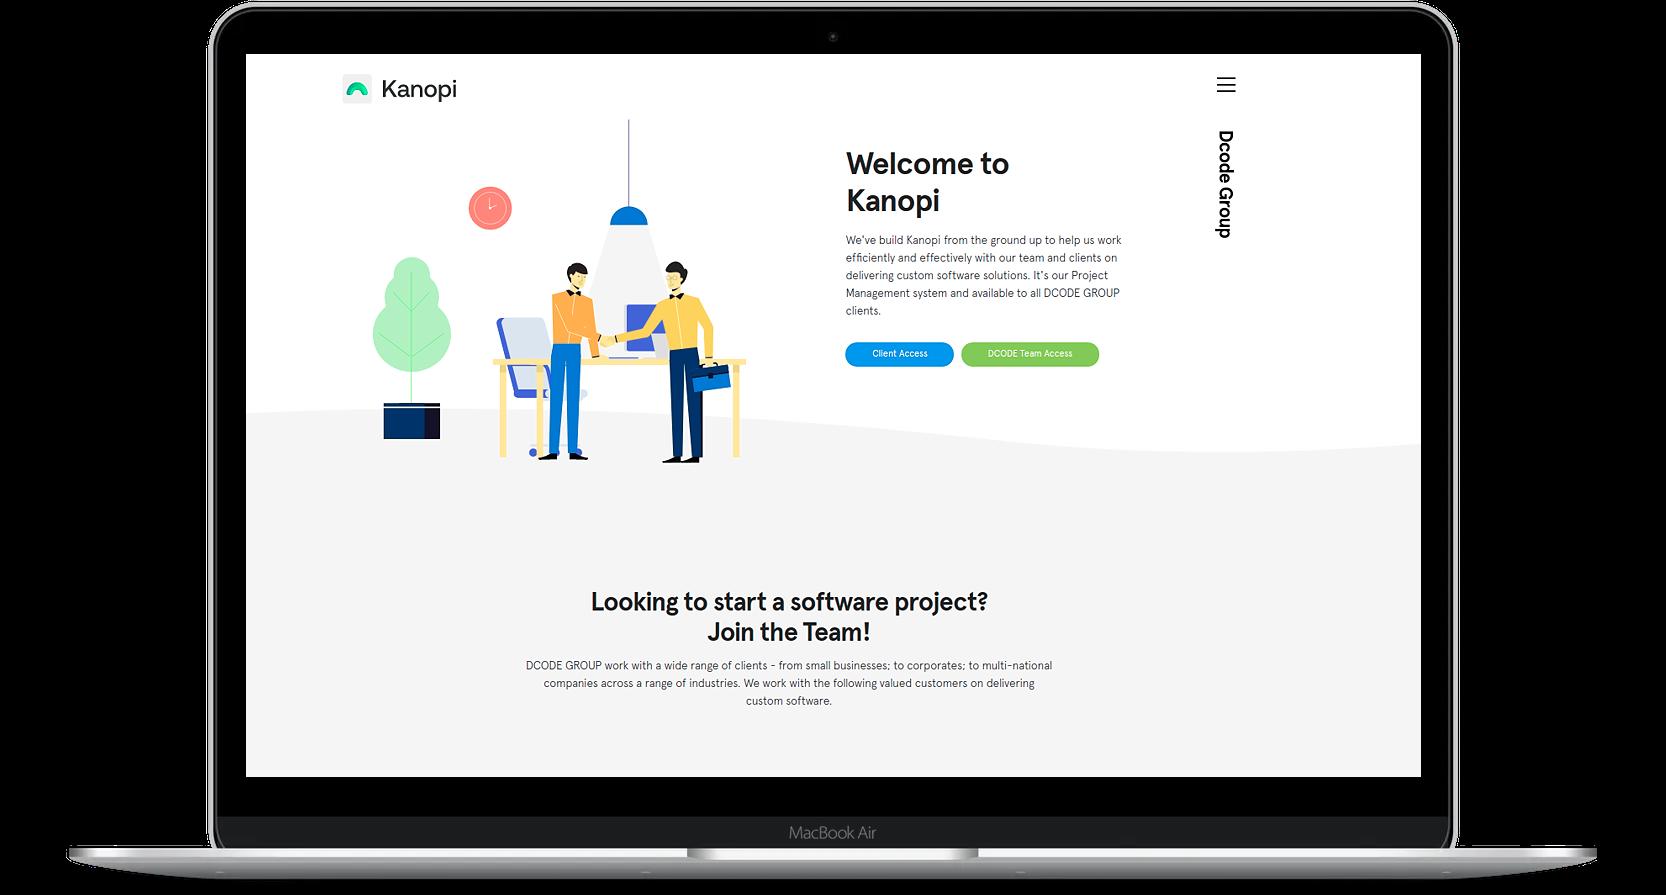 Kanopi demo product image.